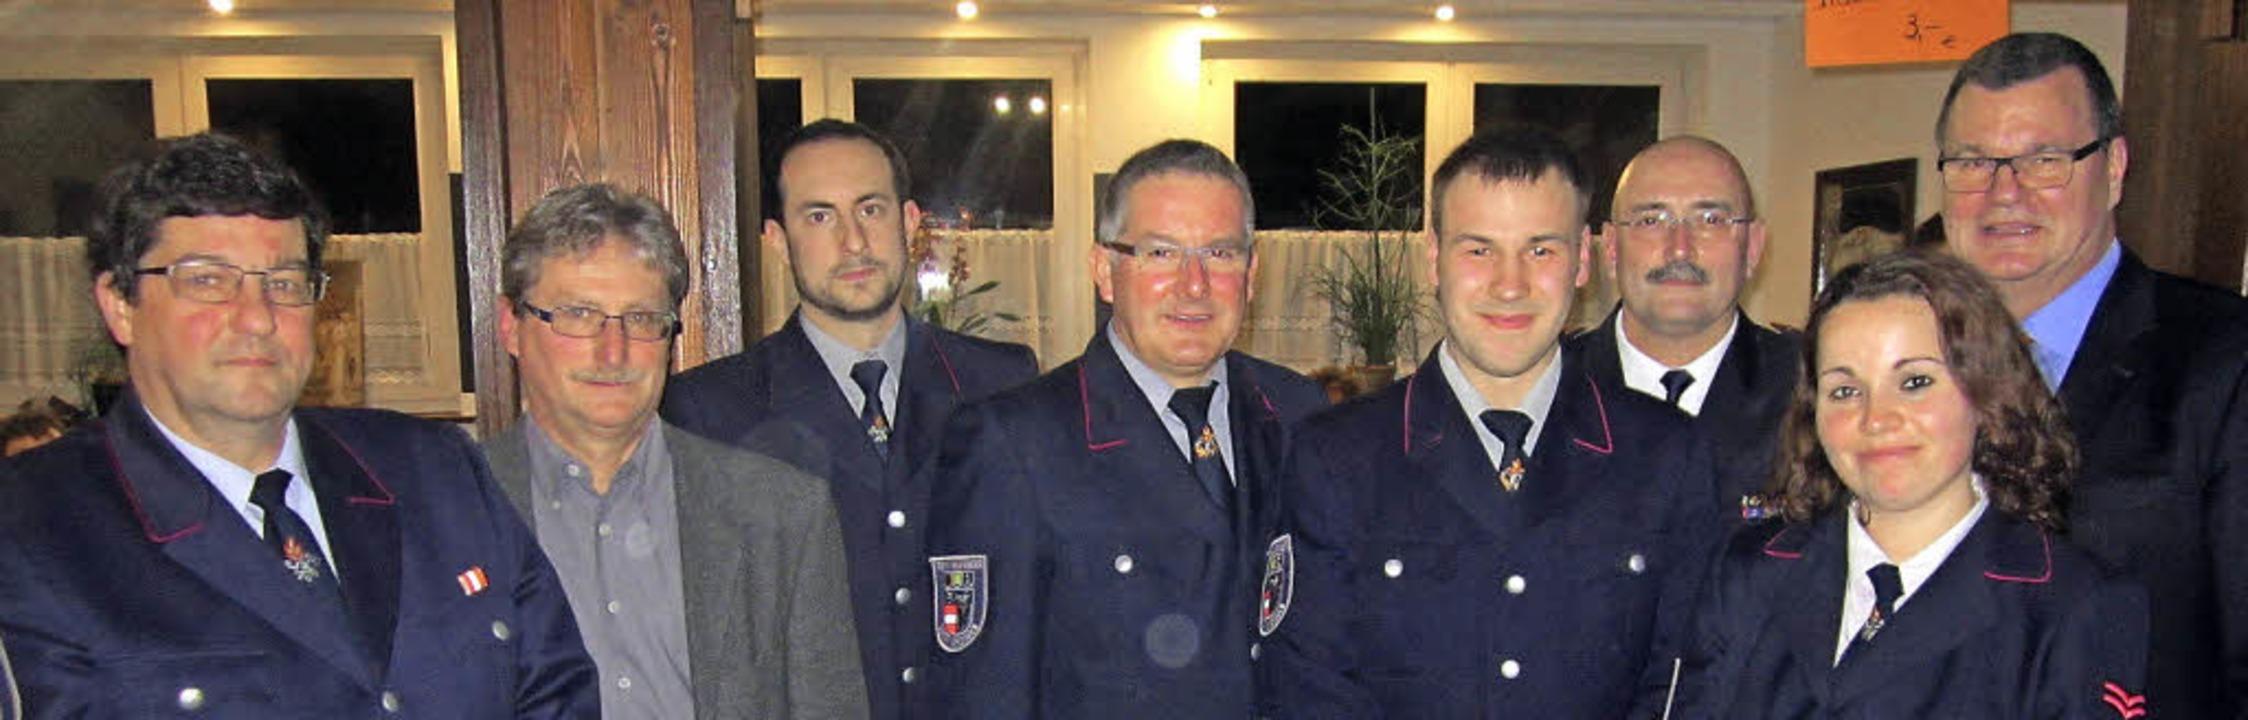 Verabschiedet wurde der langjährige Ab...ende Abteilungskommandant Martin Götz.    Foto: Reiner Merz